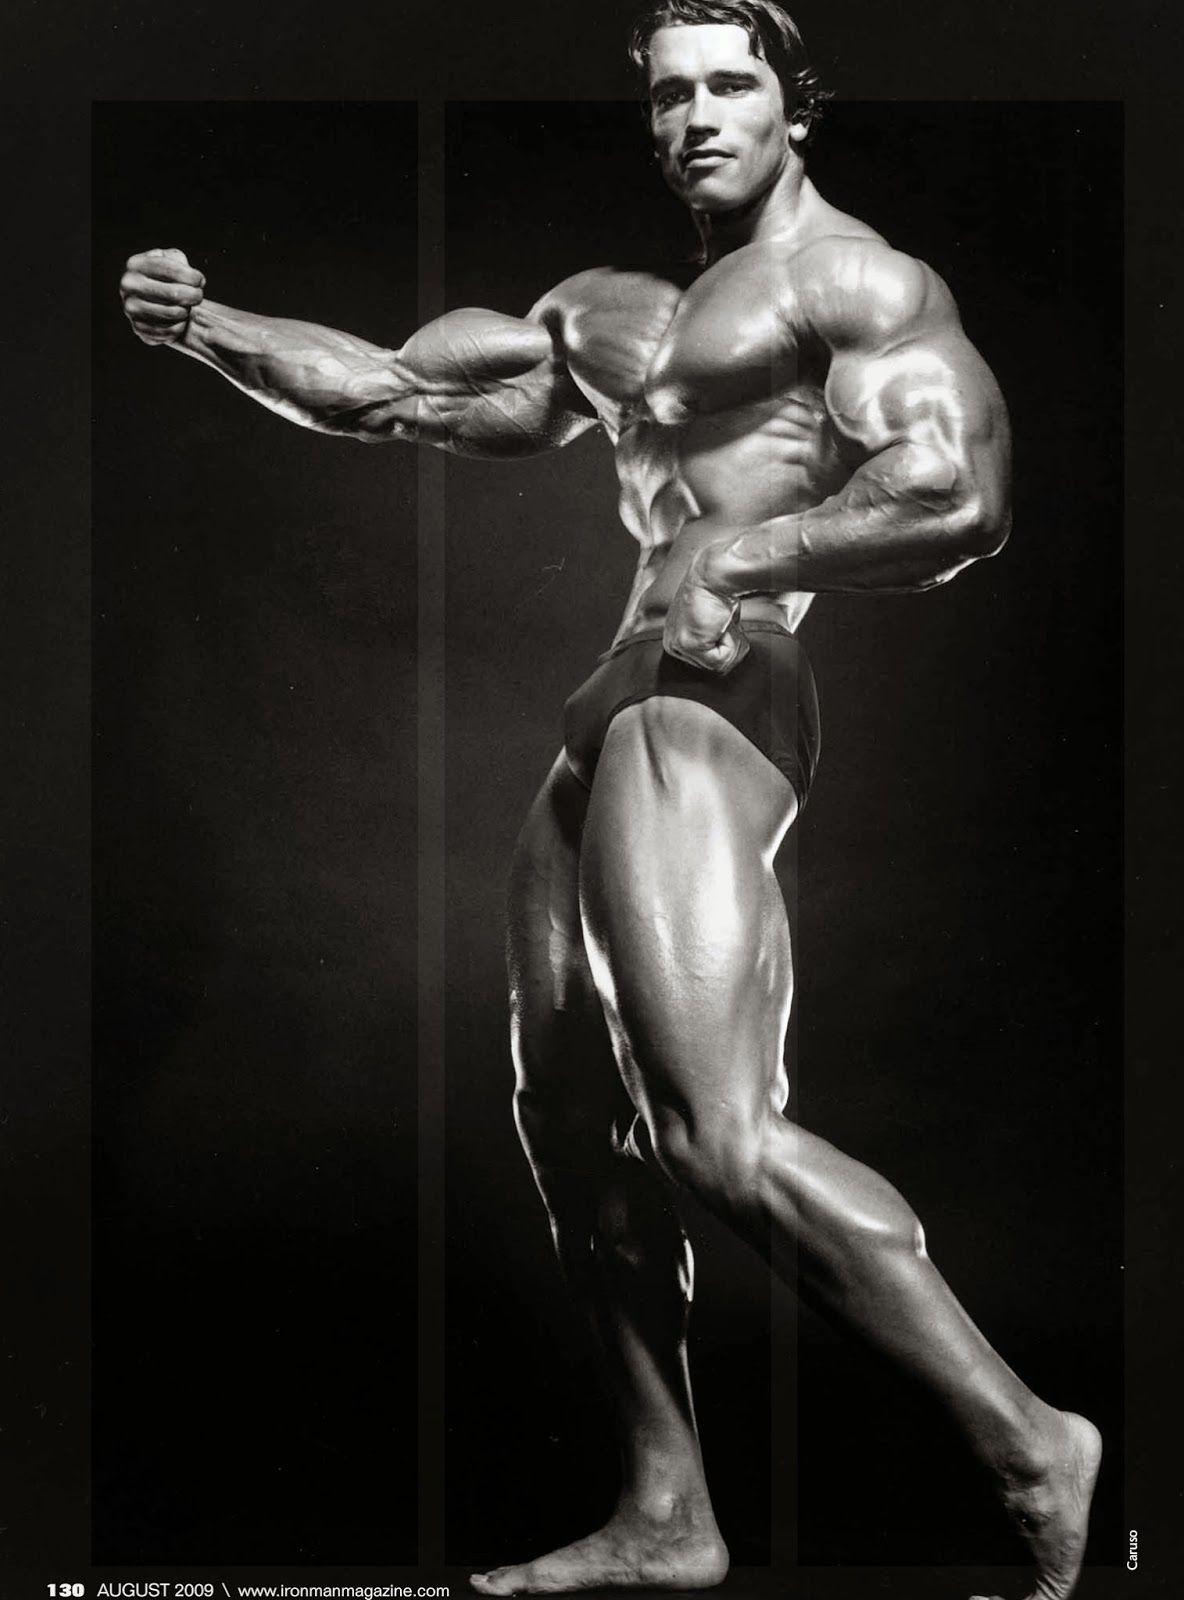 Image Result For Arnold Schwarzenegger Bodybuilding Poster Schwarzenegger Bodybuilding Arnold Schwarzenegger Bodybuilding Bodybuilding Pictures